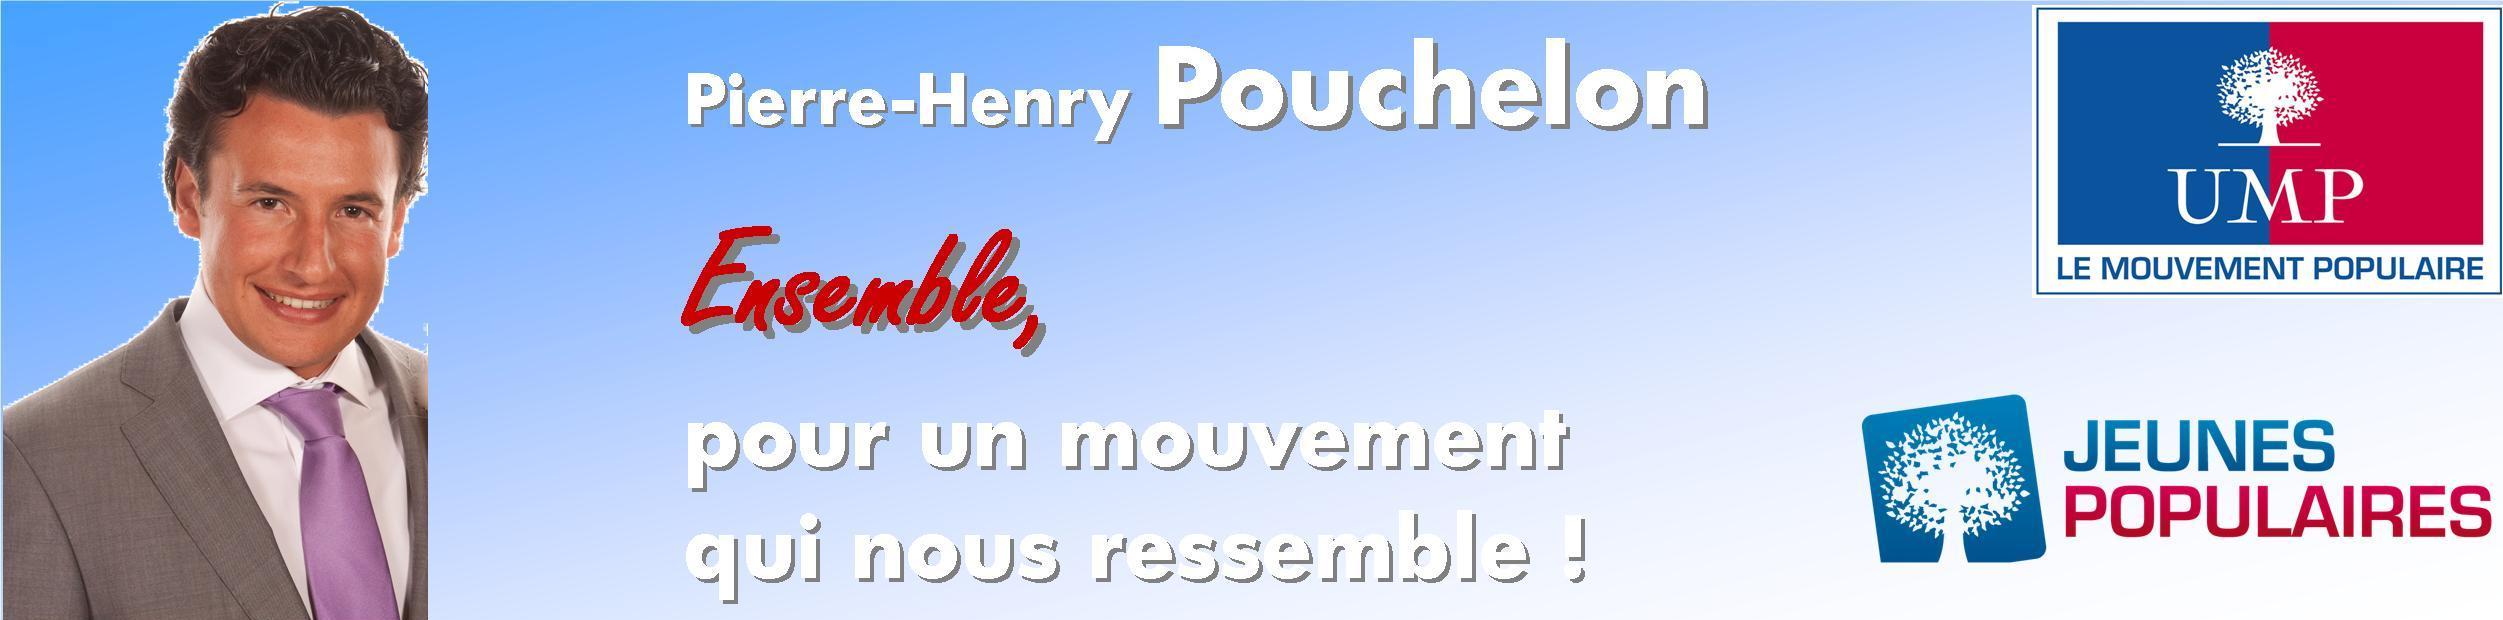 Pierre-Henry Pouchelon : Ensemble, pour un mouvement qui nous ressemble !